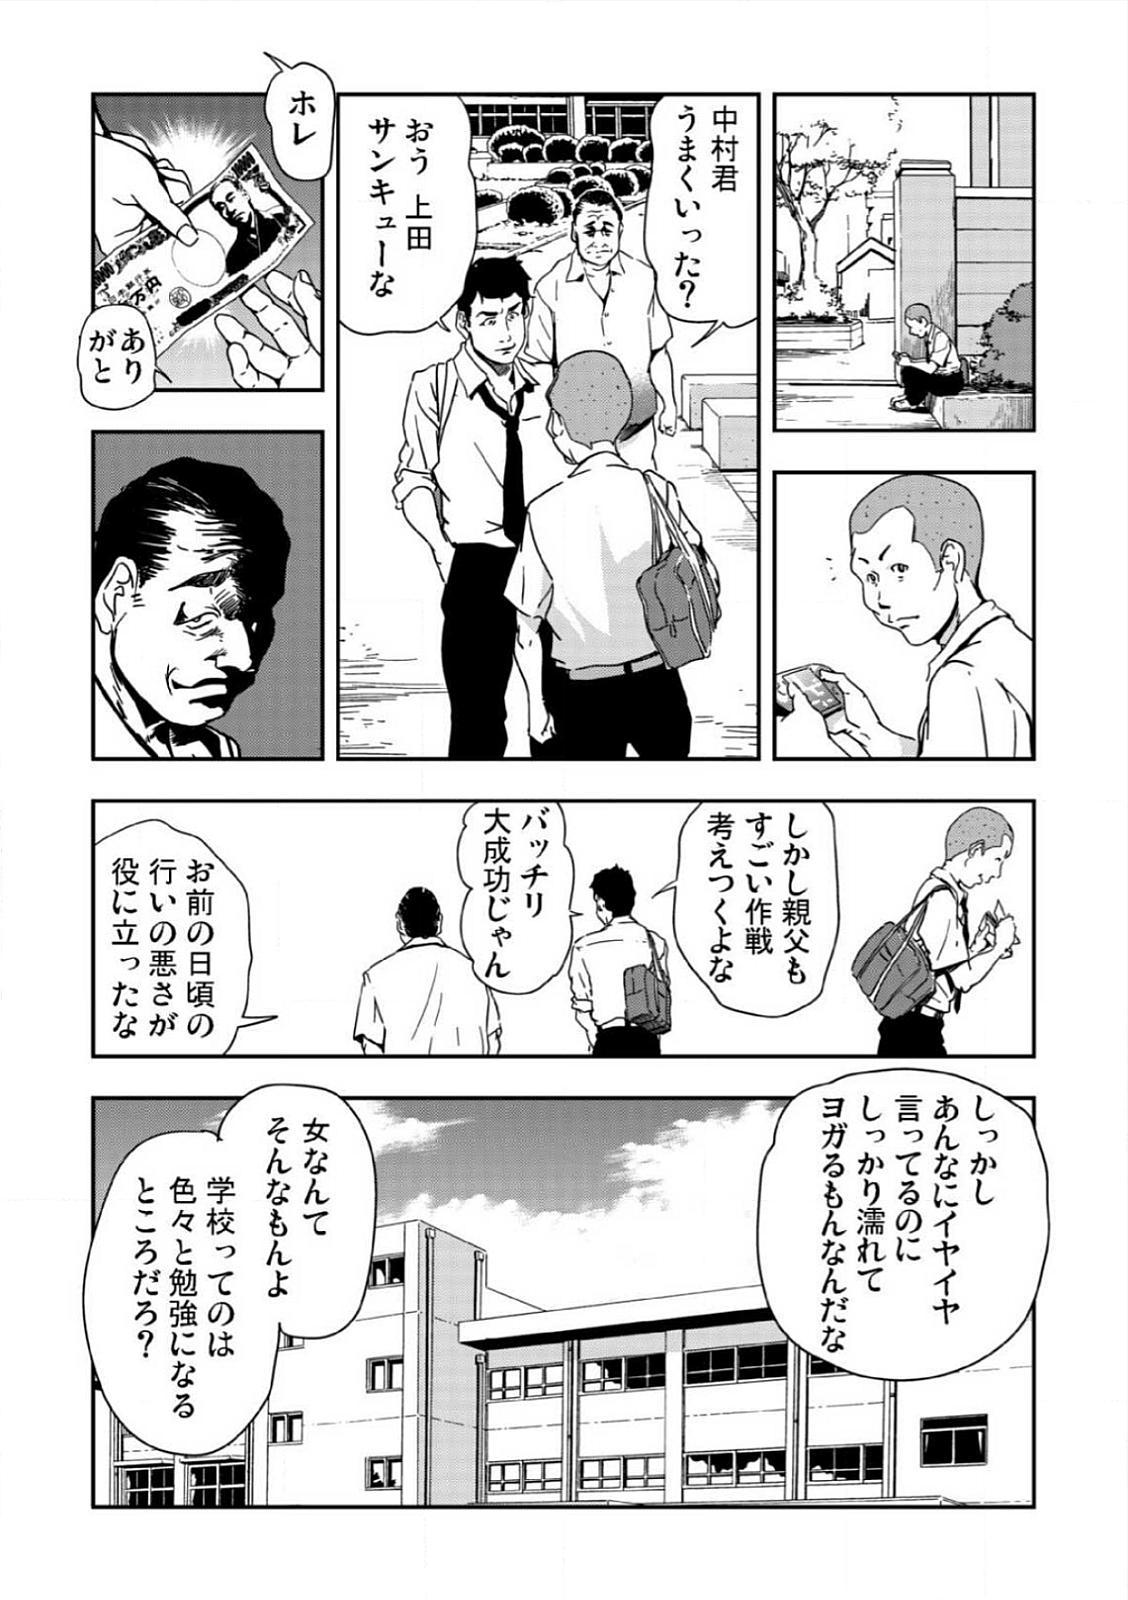 [Misaki Yukihiro] Kyousei Shidou ~Mechakucha ni Kegasarete~ (1)~(6) [Digital] 155